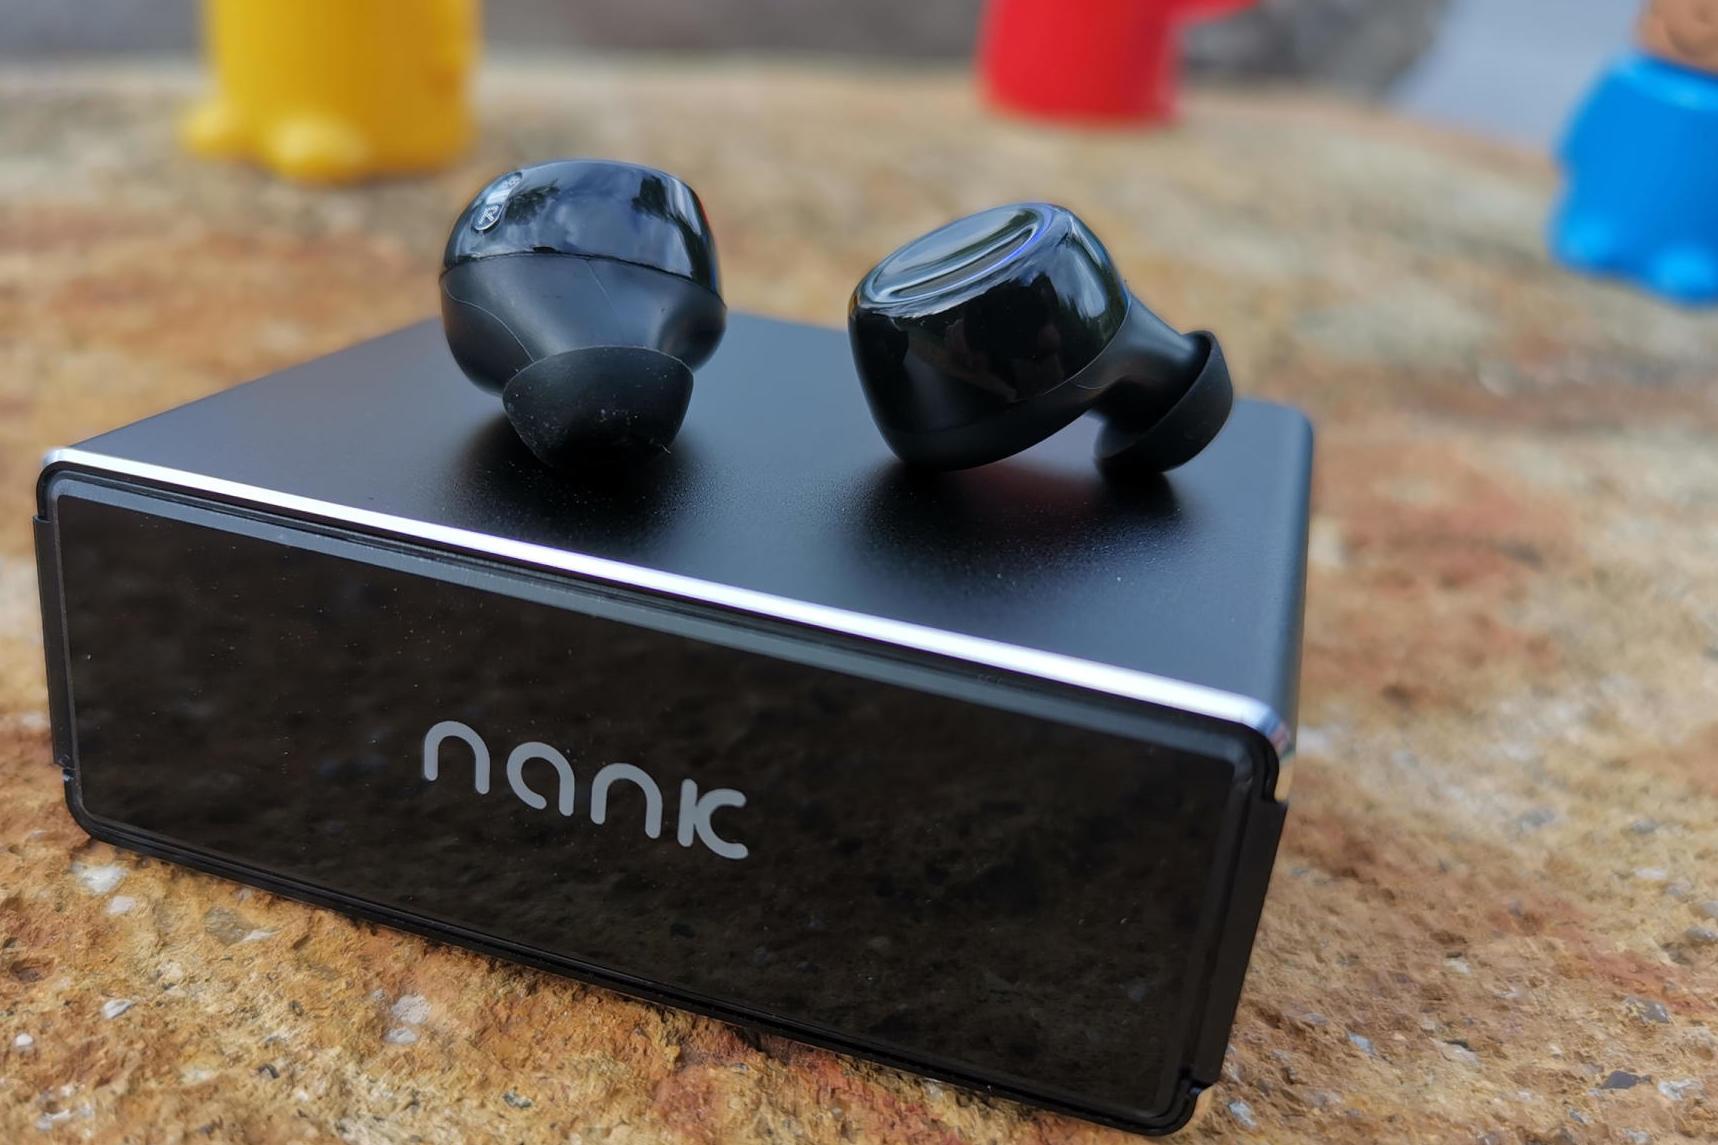 南卡N2s蓝牙耳机:听歌,充电,两不耽误